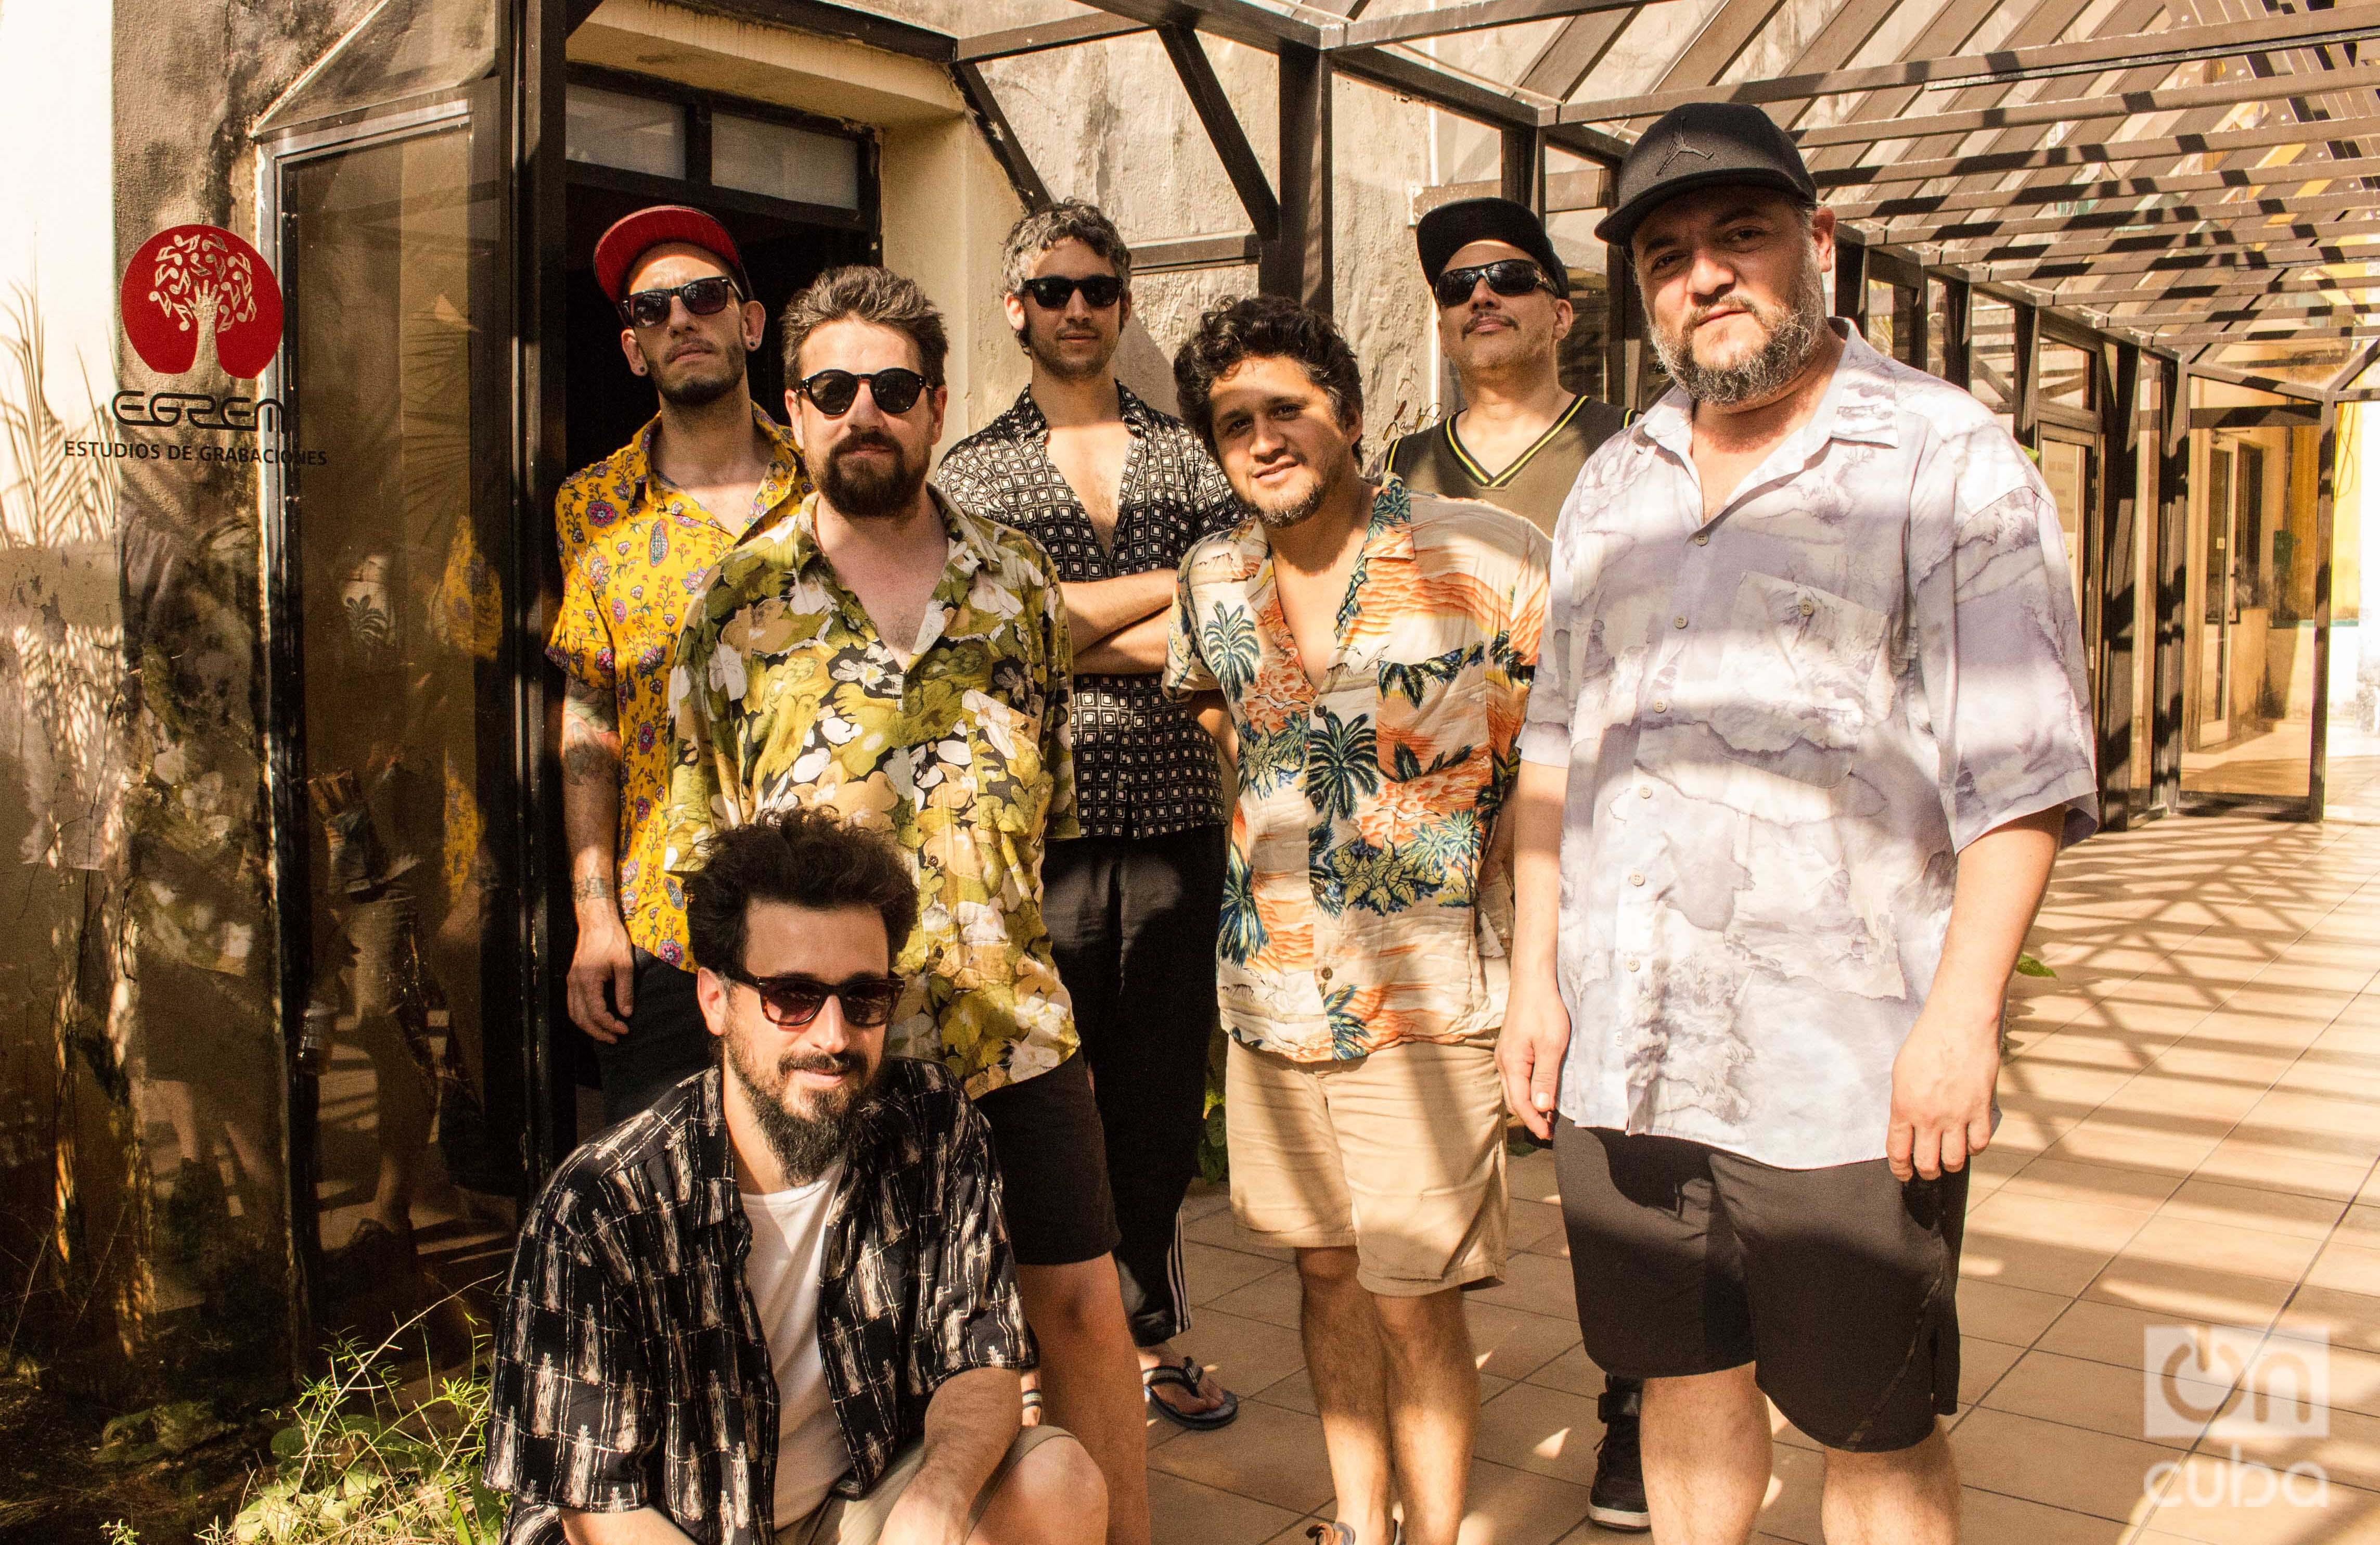 Los Espíritus en los Estudios de Grabaciones de la EGREM. Foto: Rosario Ojeda.